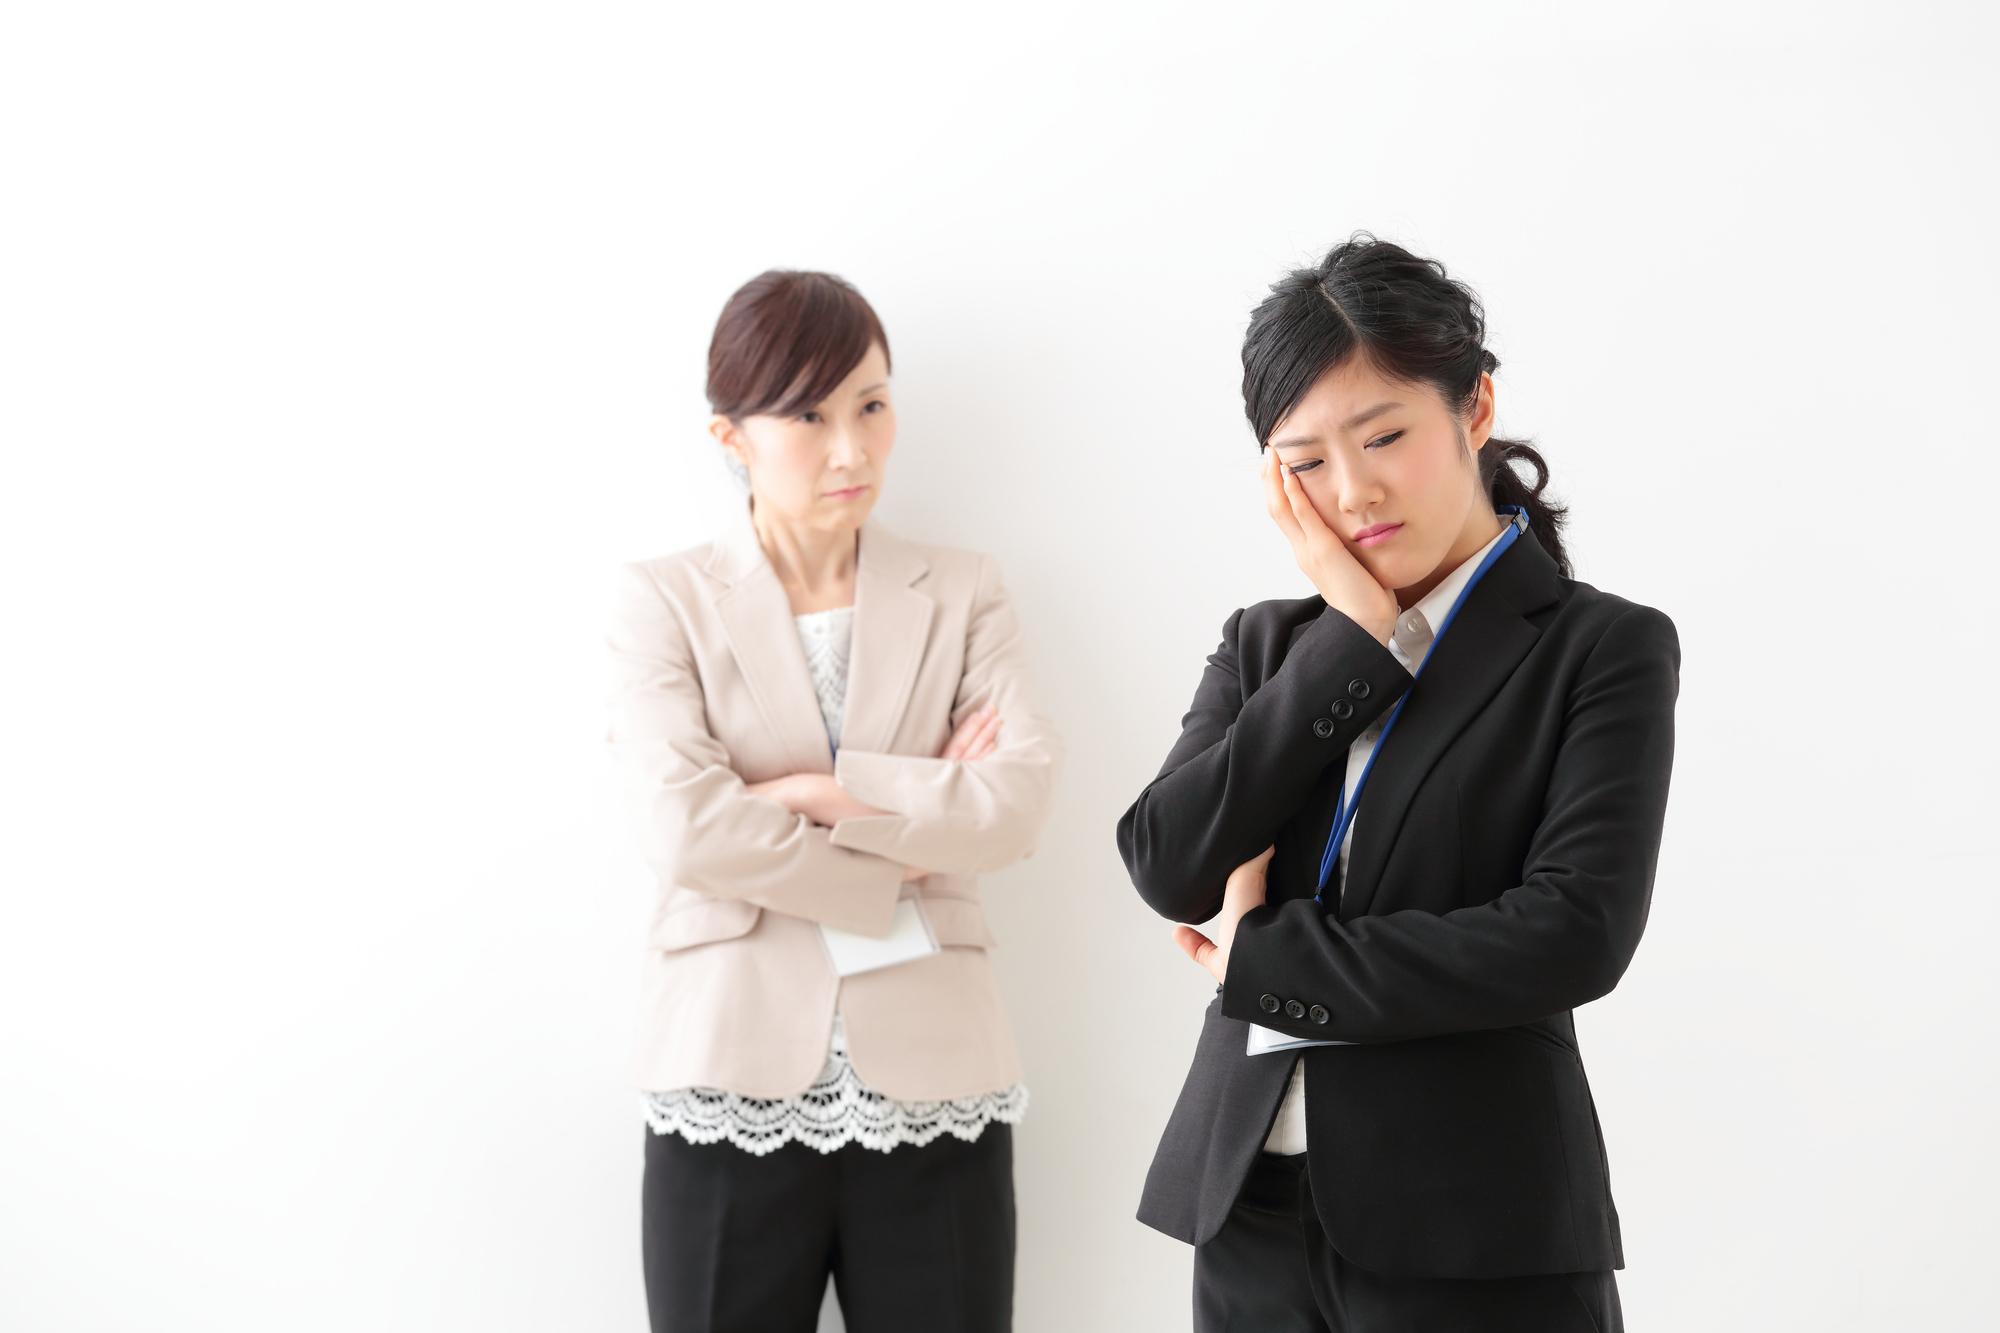 転職-人間関係-失敗